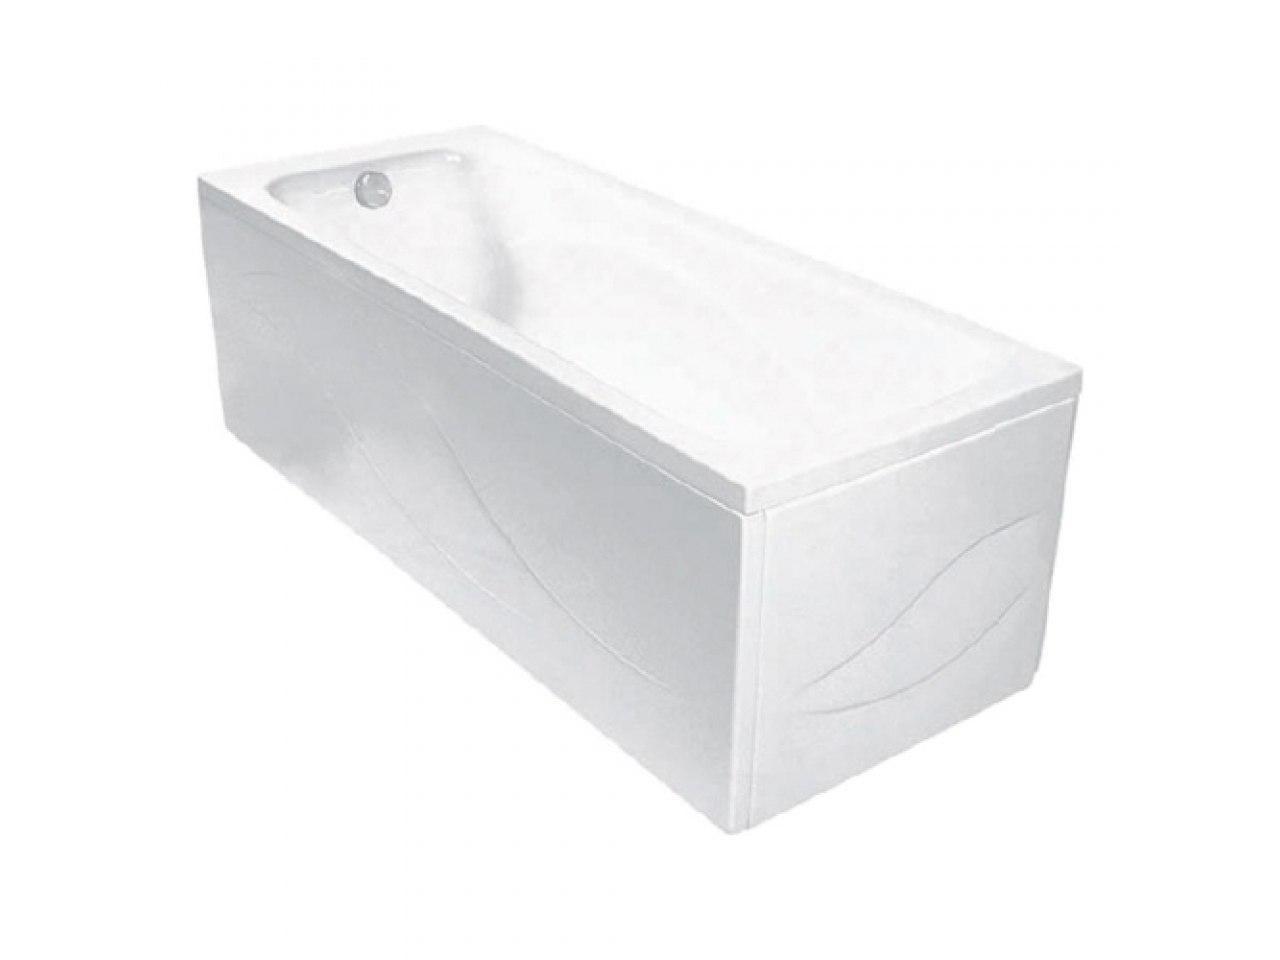 Ванна акриловая прямоугольная CLAVIS 150X70 БЕЛ КОМПЛЕКТ